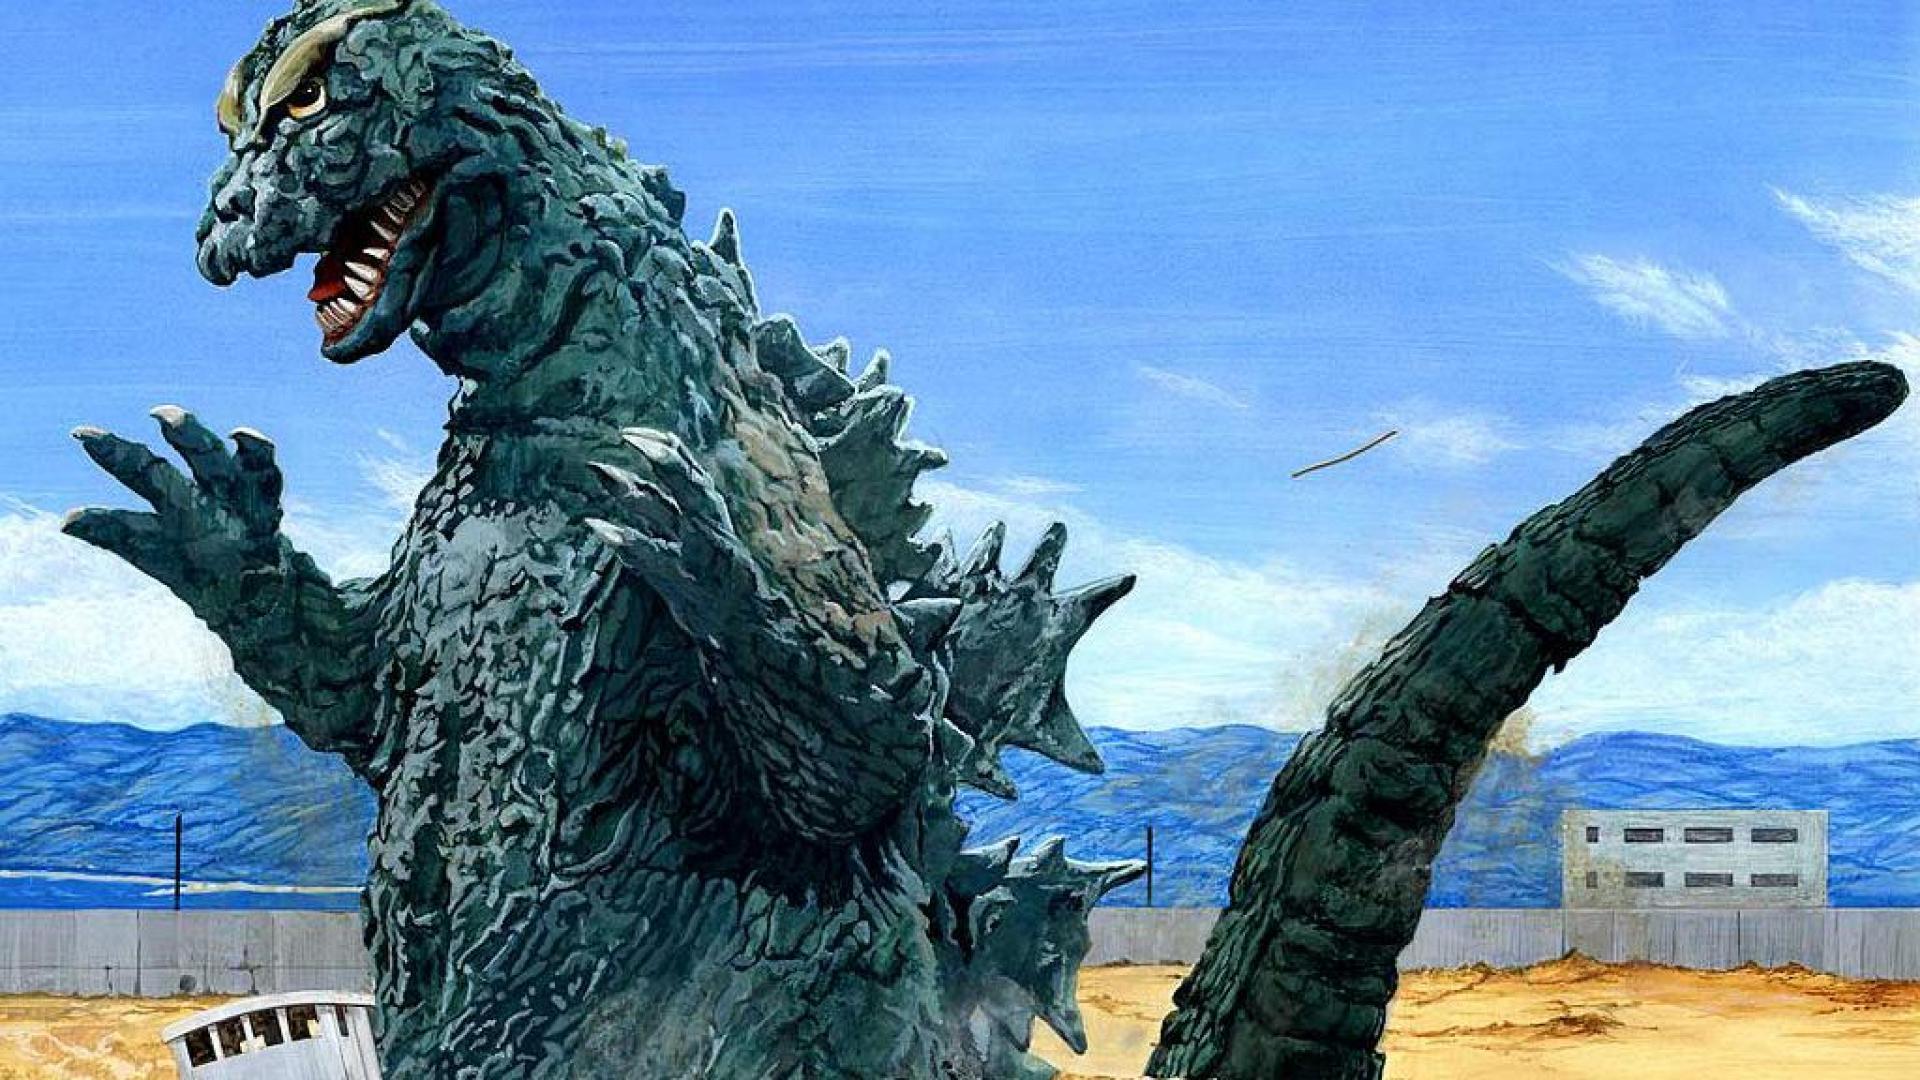 Animation Wallpaper Hd Free Download Godzilla Wallpapers For Desktop Pixelstalk Net